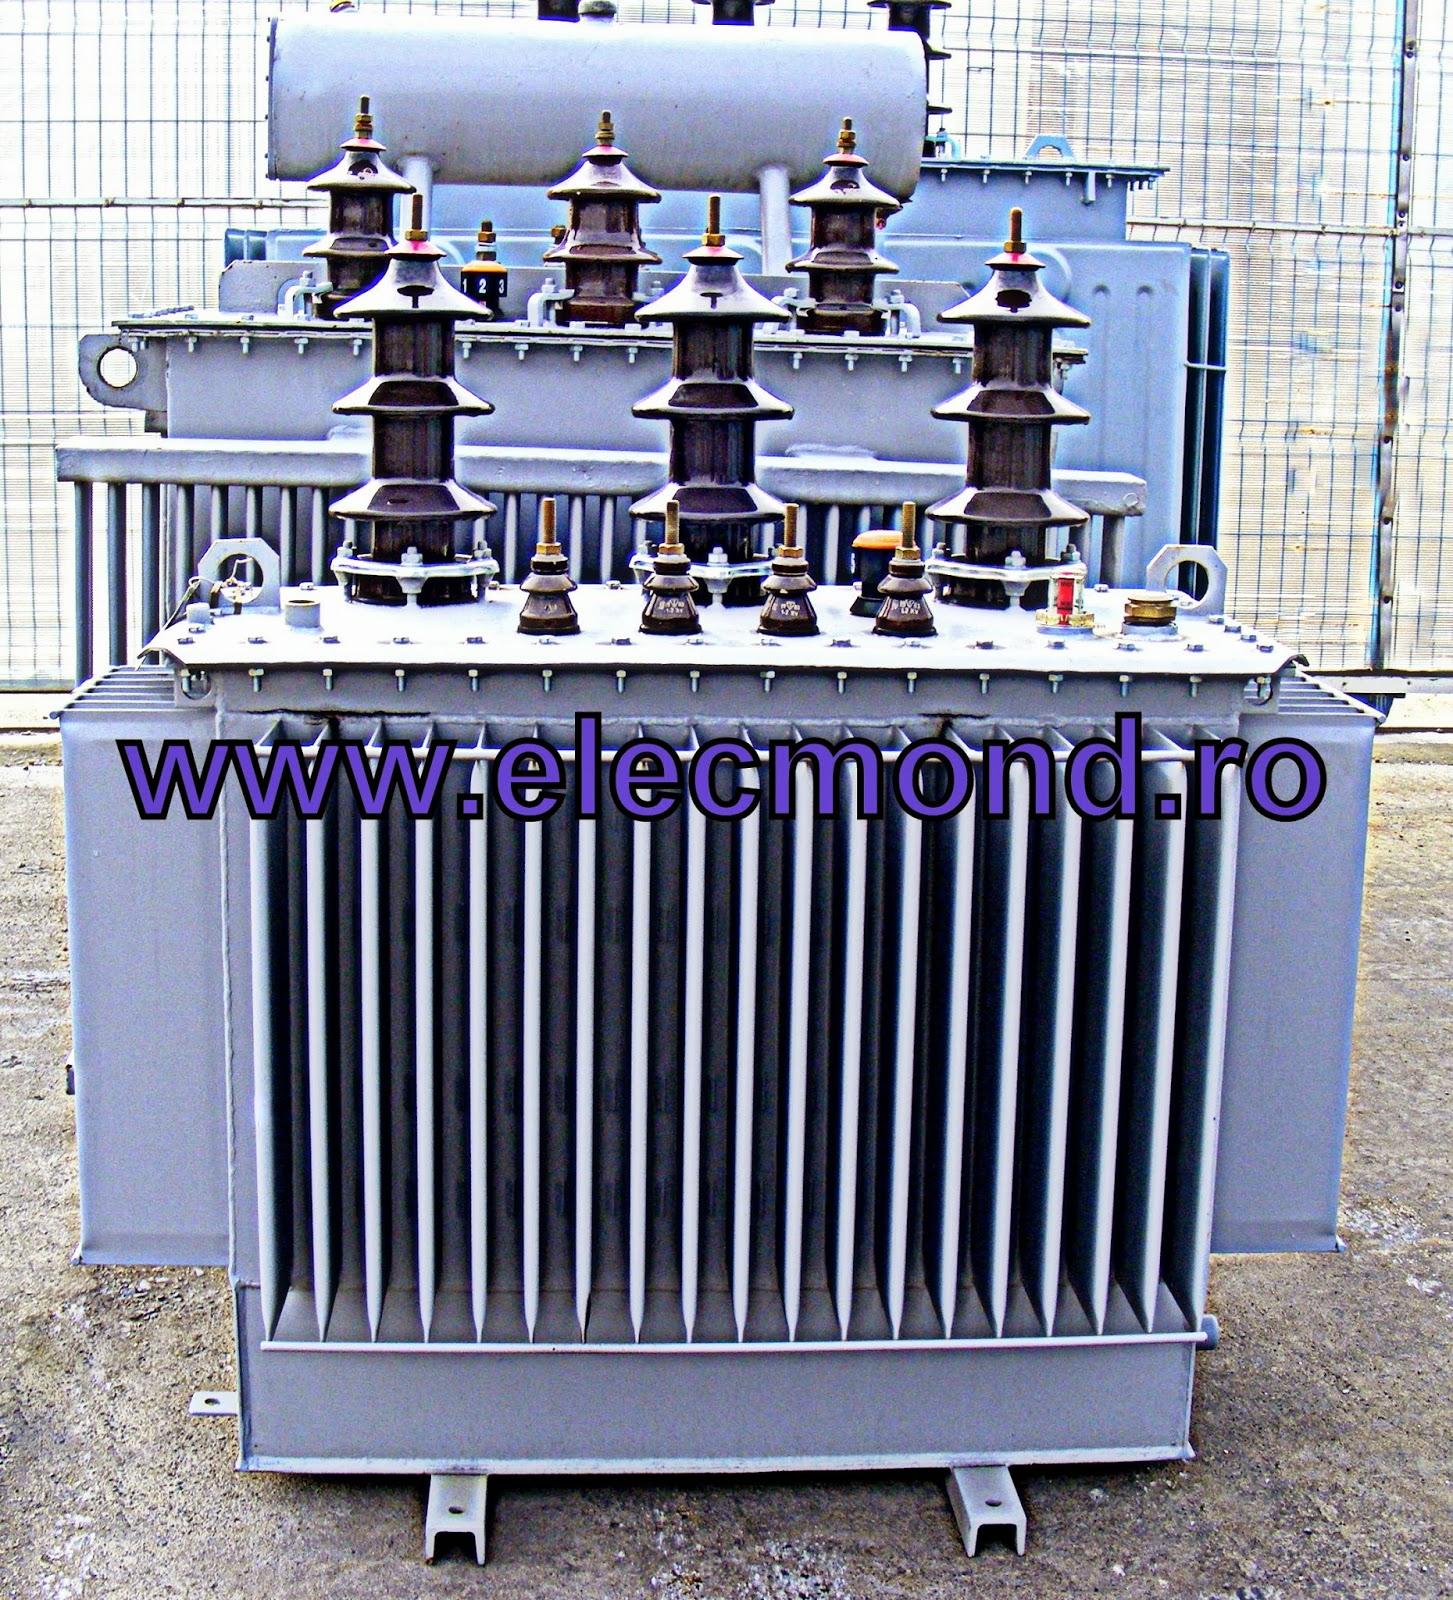 TRANSFORMATOARE , 40 kVA  , 63 kVA , 100 kVA , transformator 40 kVA , transformator 63 kVA , transformator 100 kVA , transformatoare noi